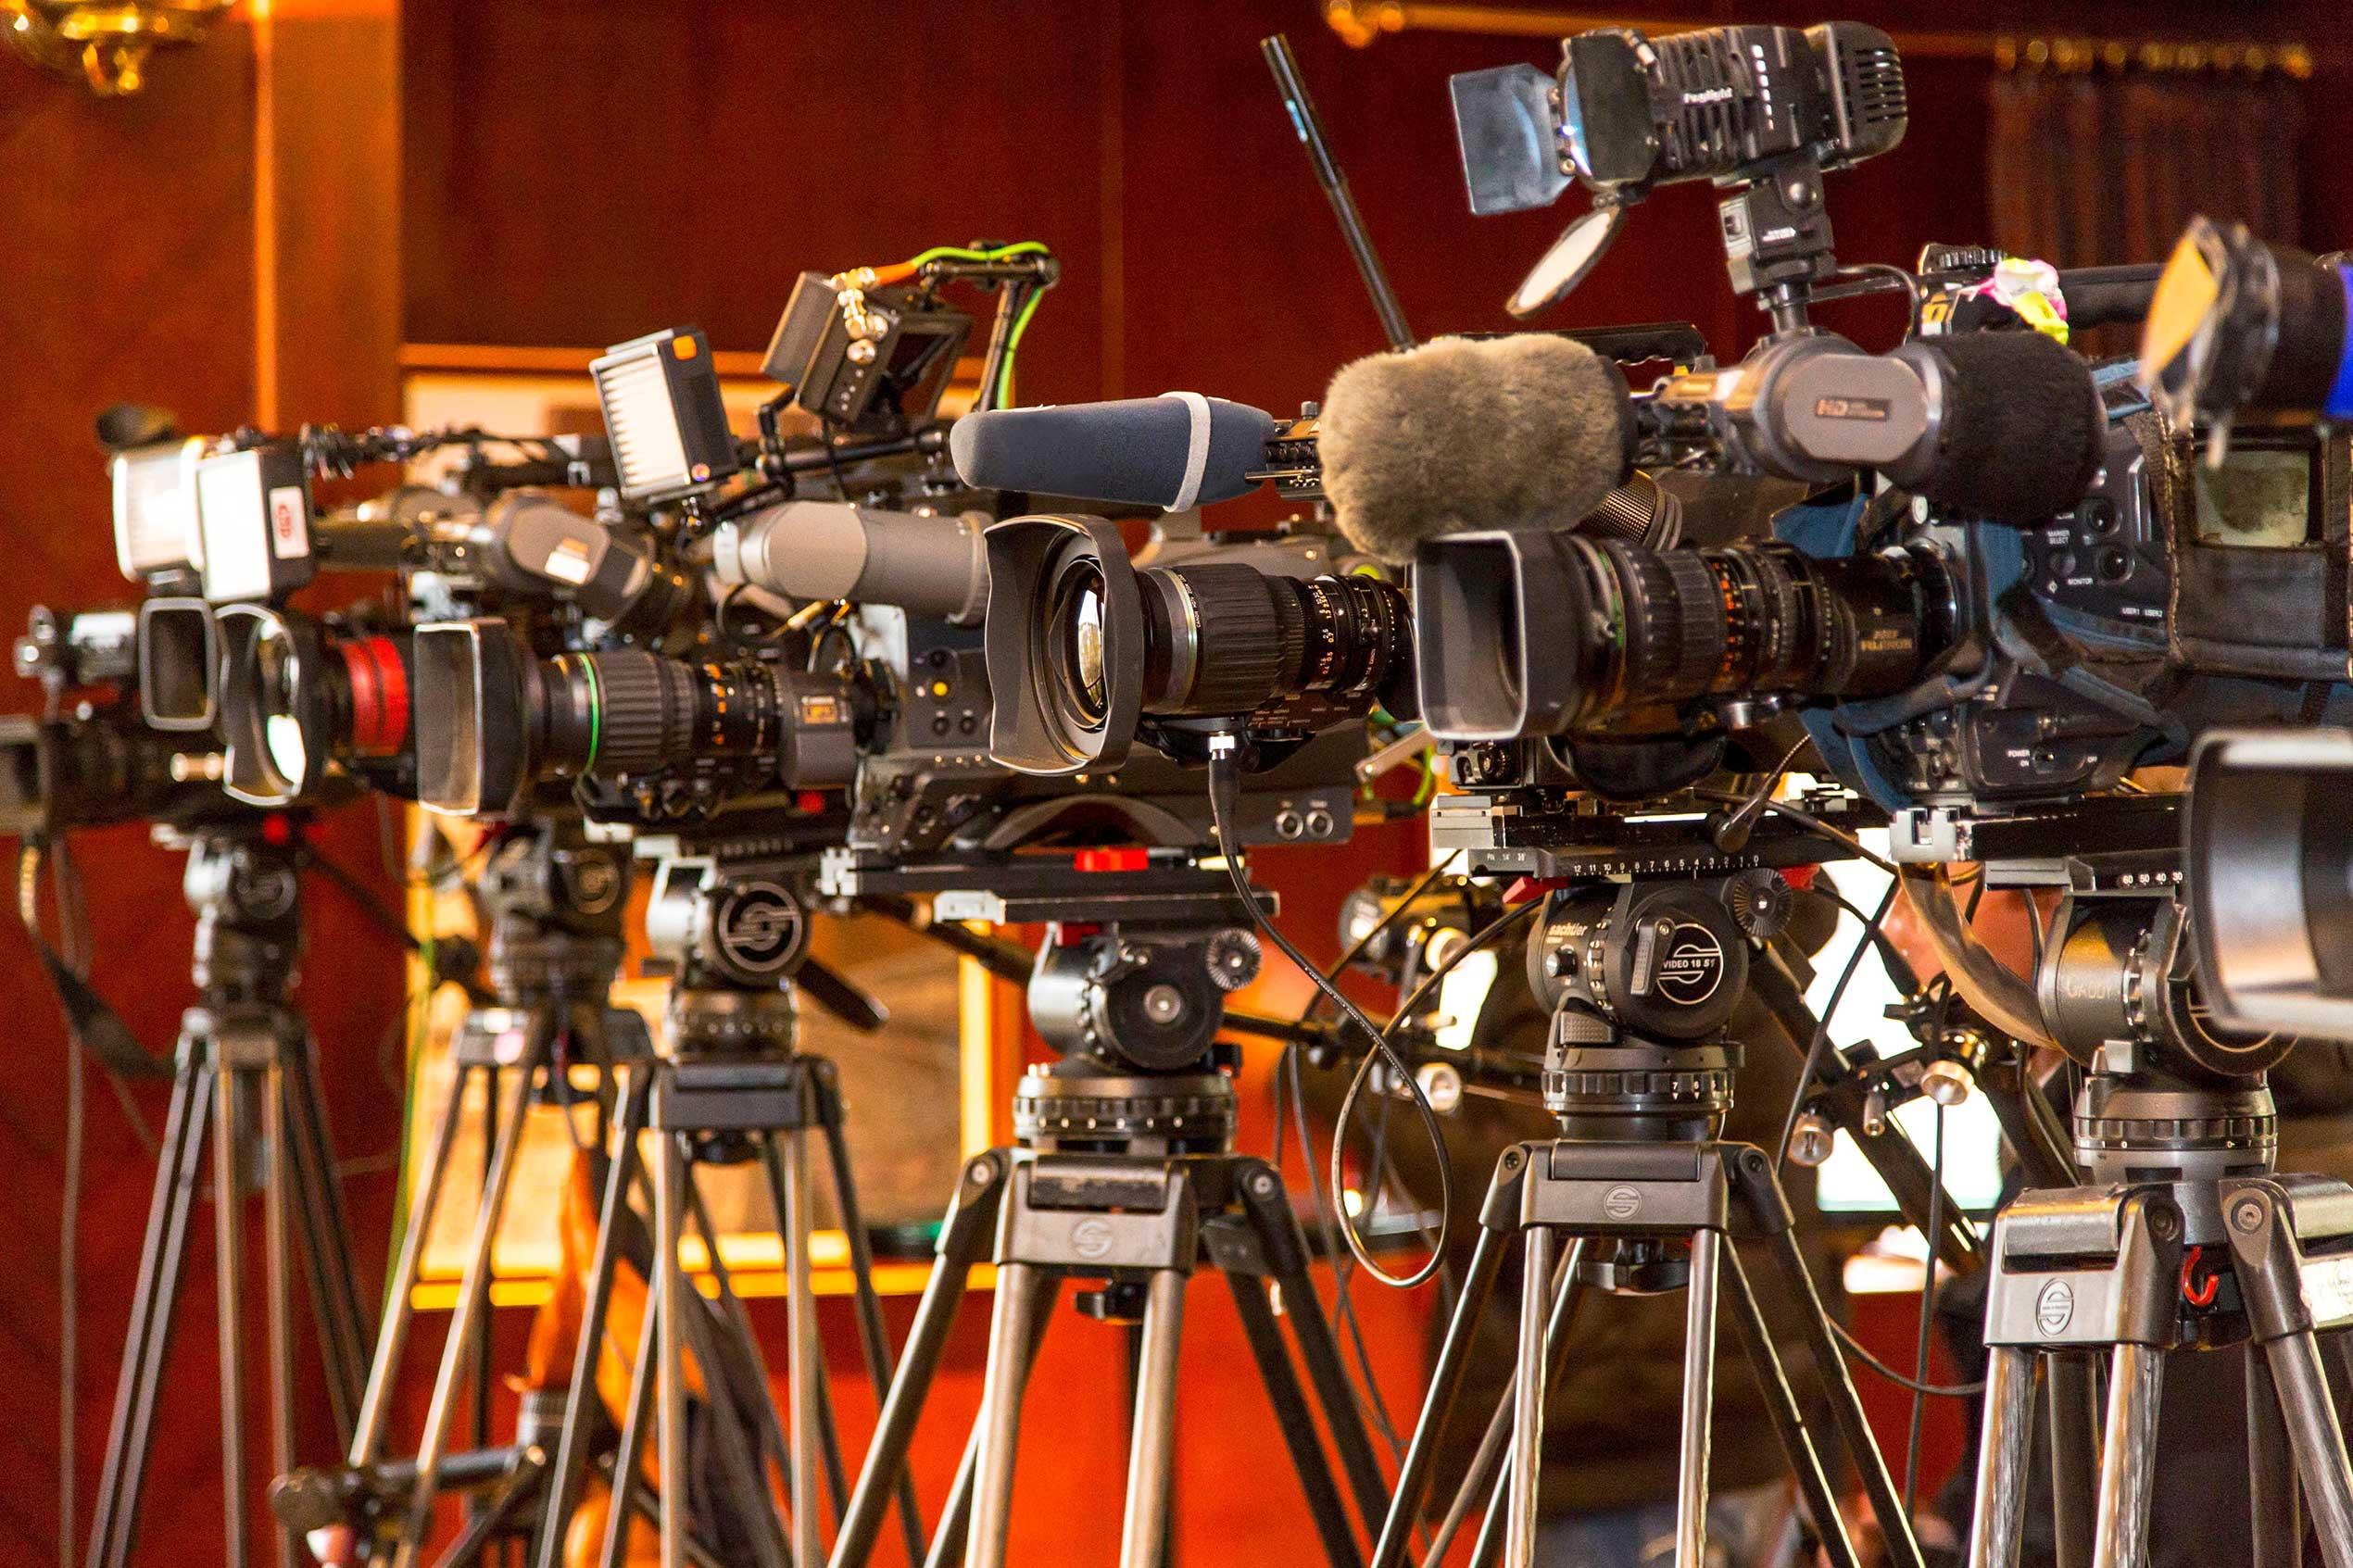 Pressekameras auf Stativen für APA-Live